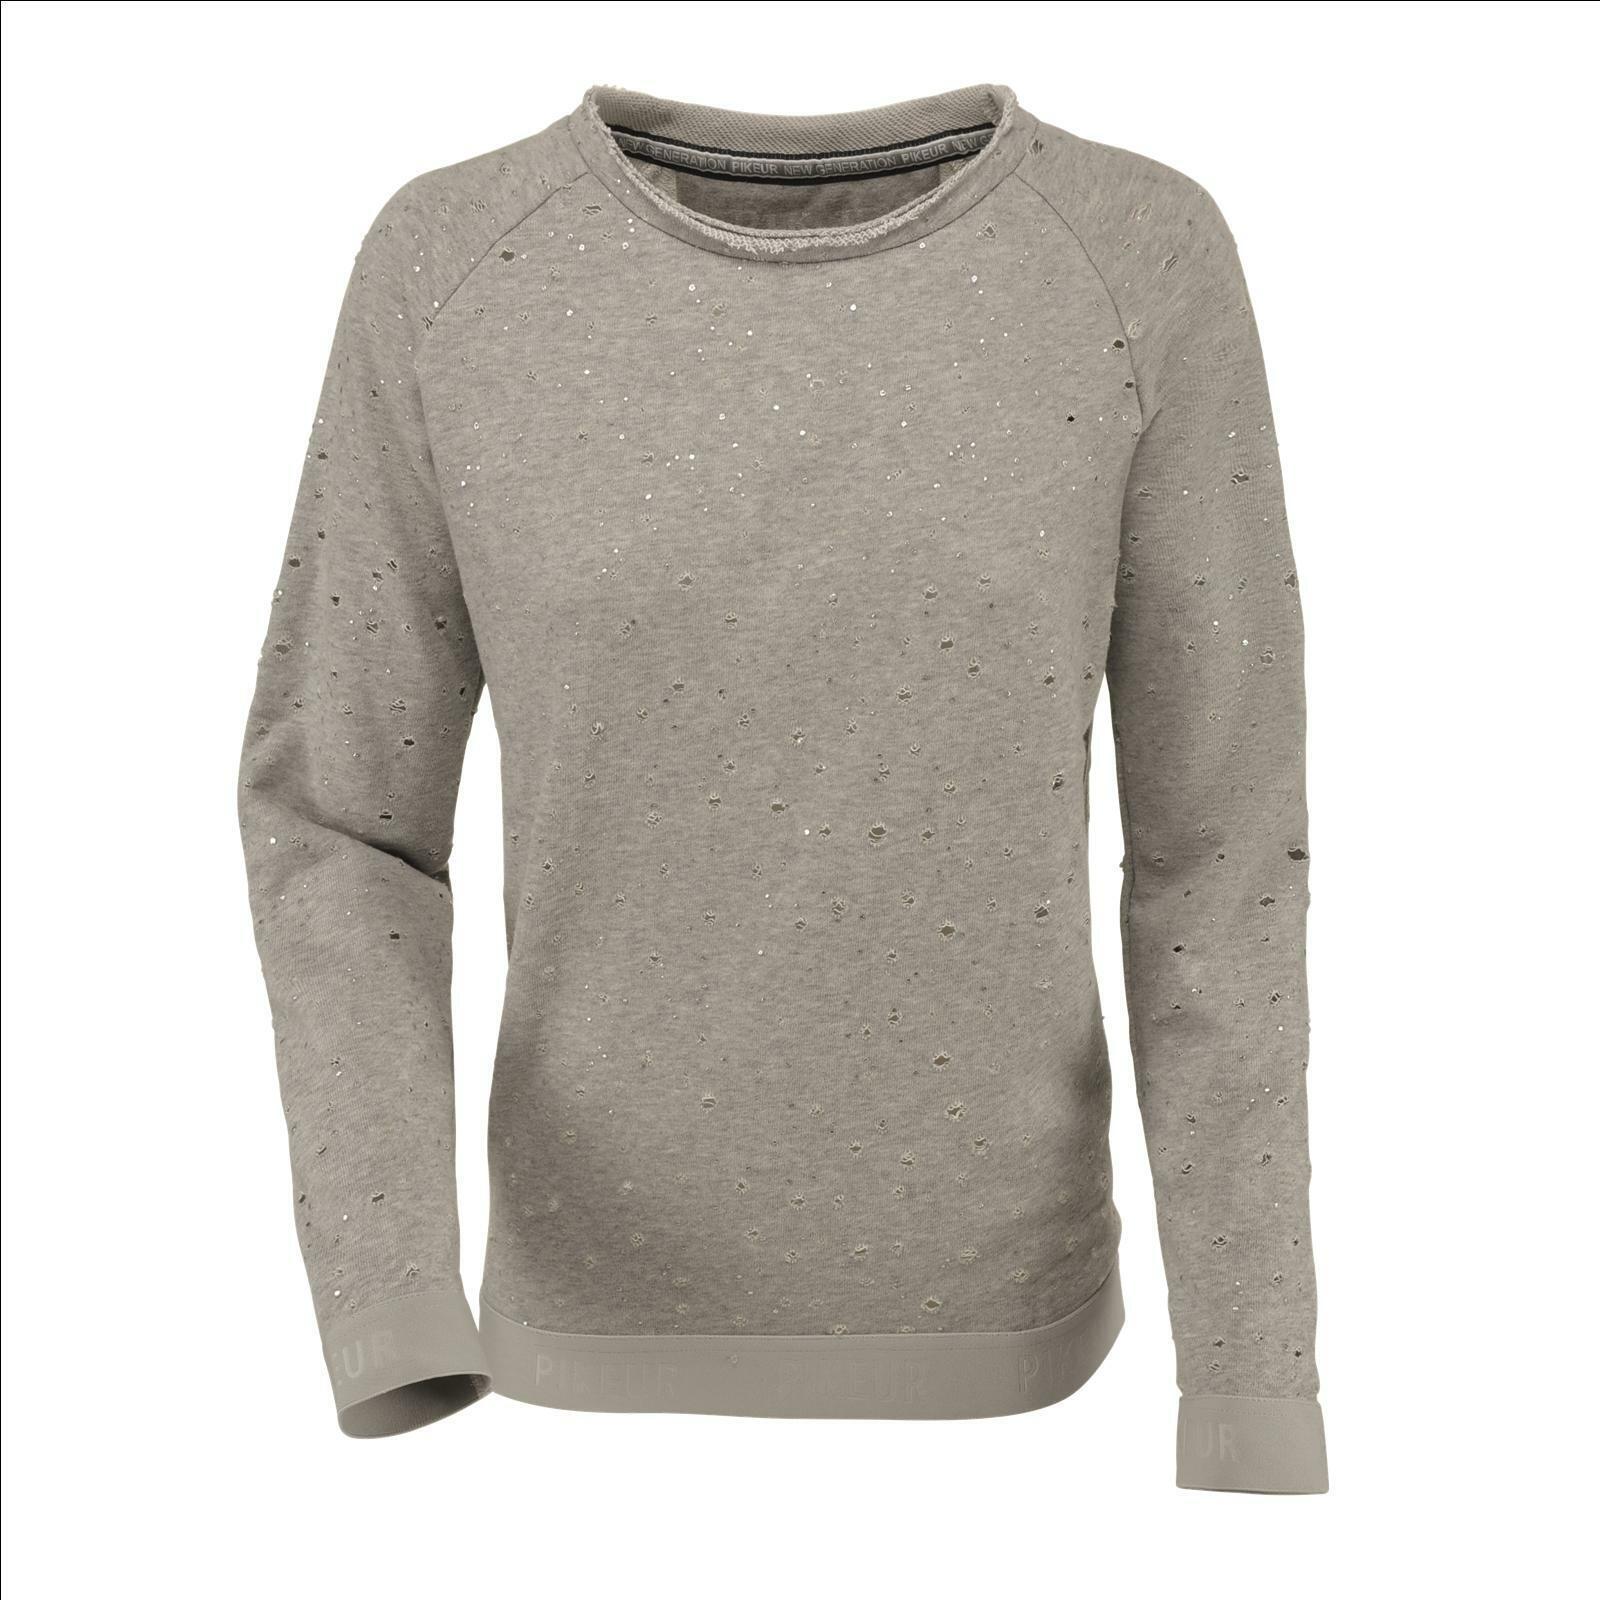 Pikeur Damen Rundhalssweater    HYSA   , Damensweater, Sweater    Verschiedene Stile